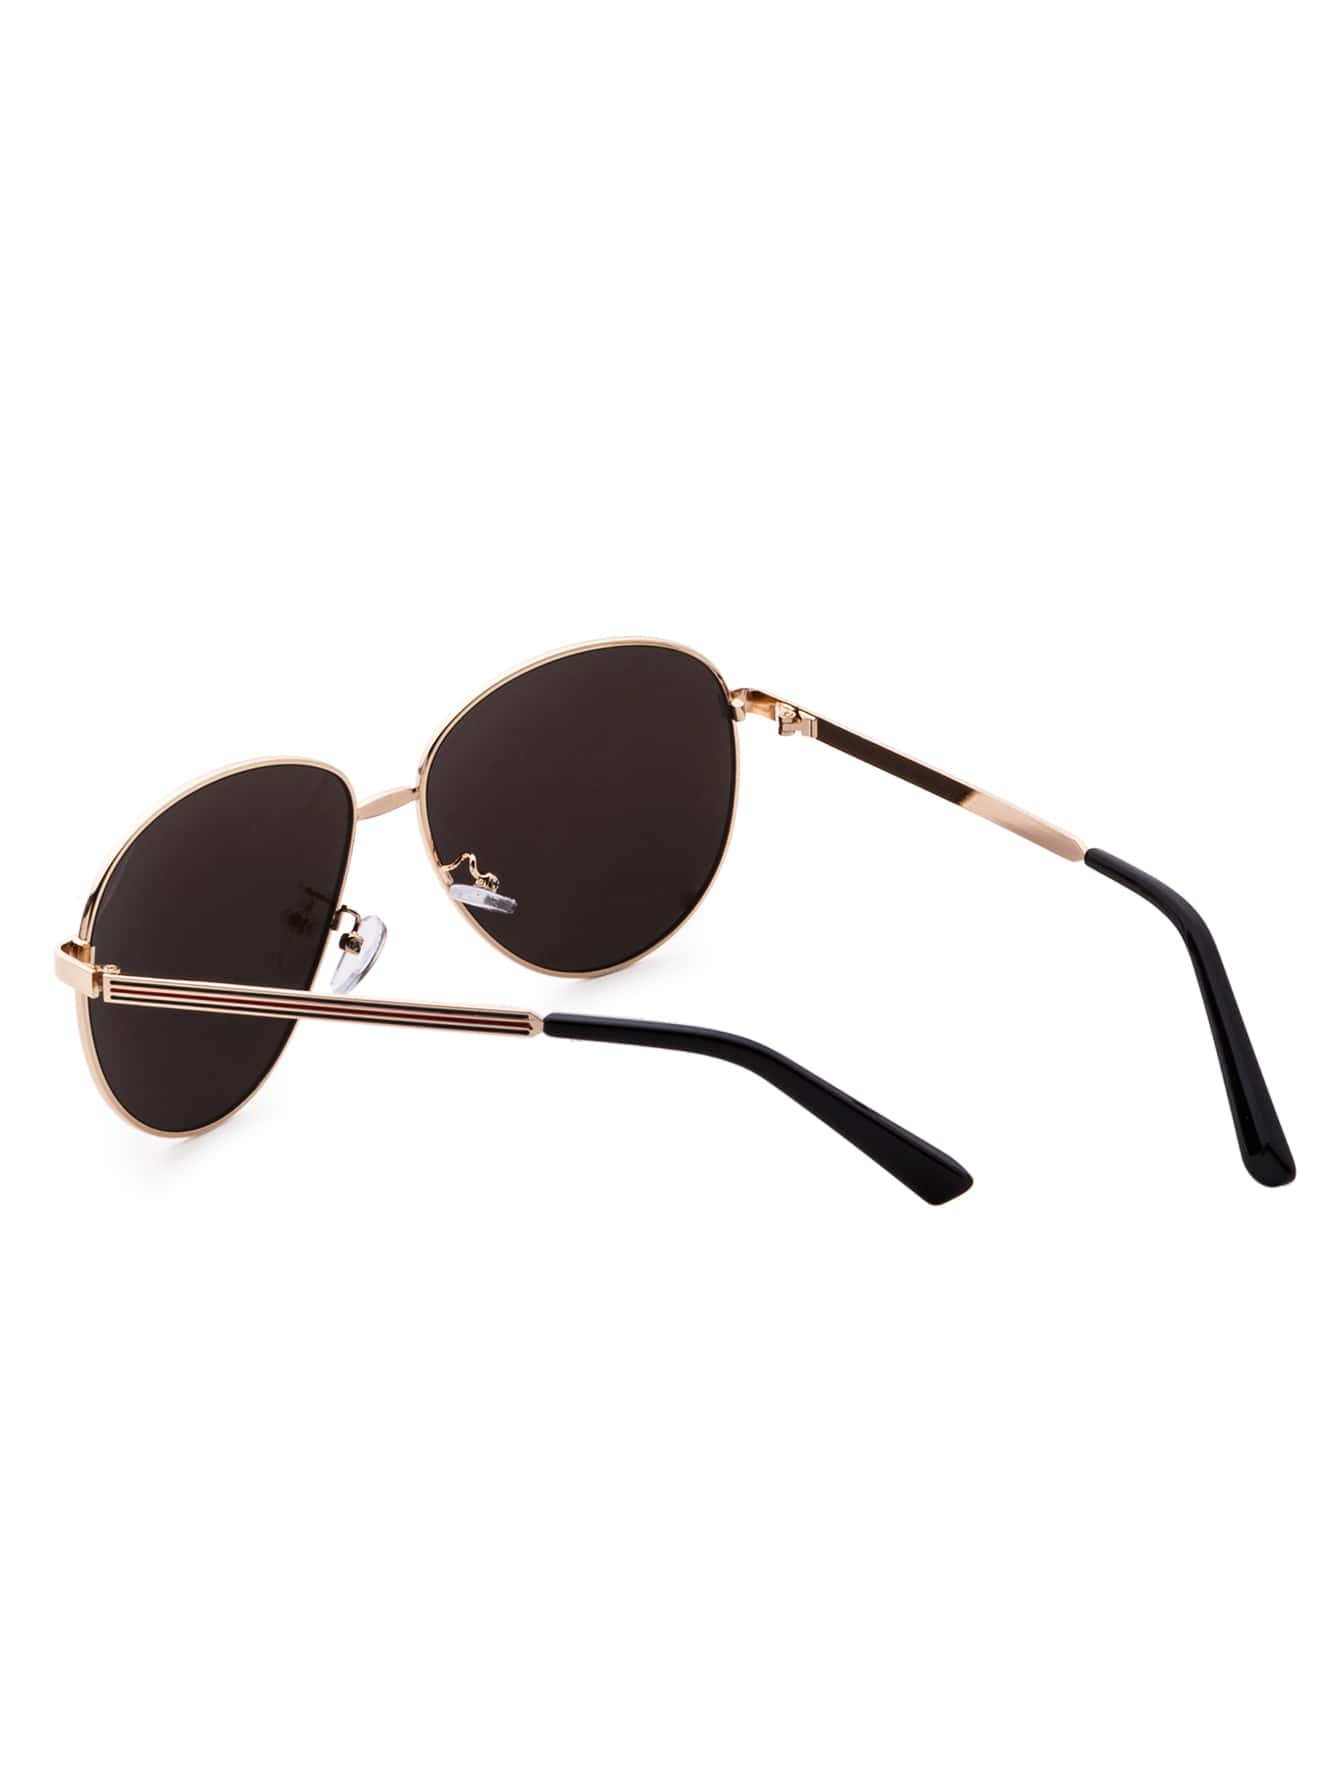 Lunettes de soleil d 39 aviateur avec verre de miroir et for Lunette de soleil avec verre miroir